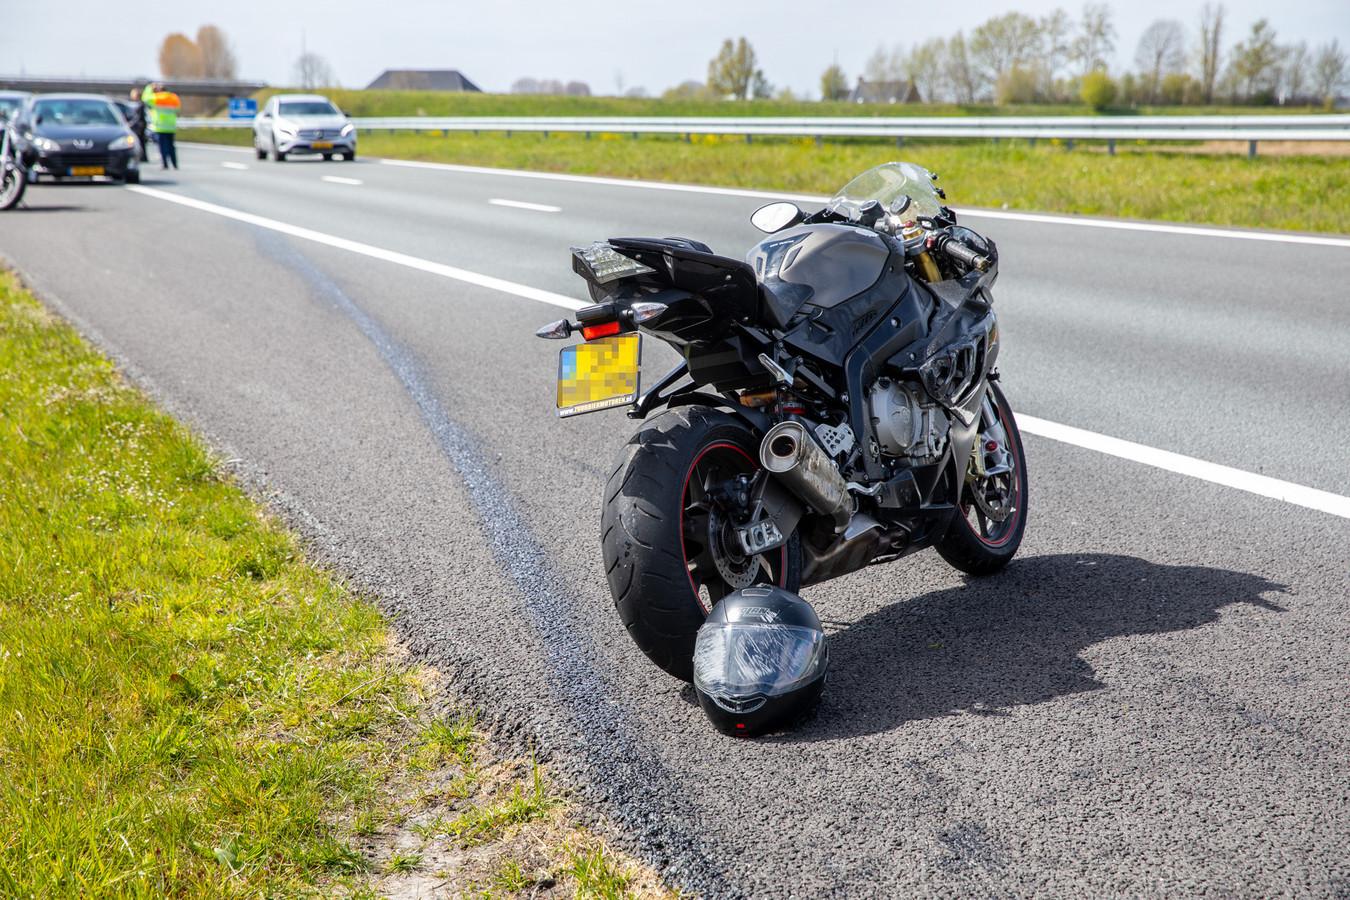 De schade aan de motor en de helm was aanzienlijk.